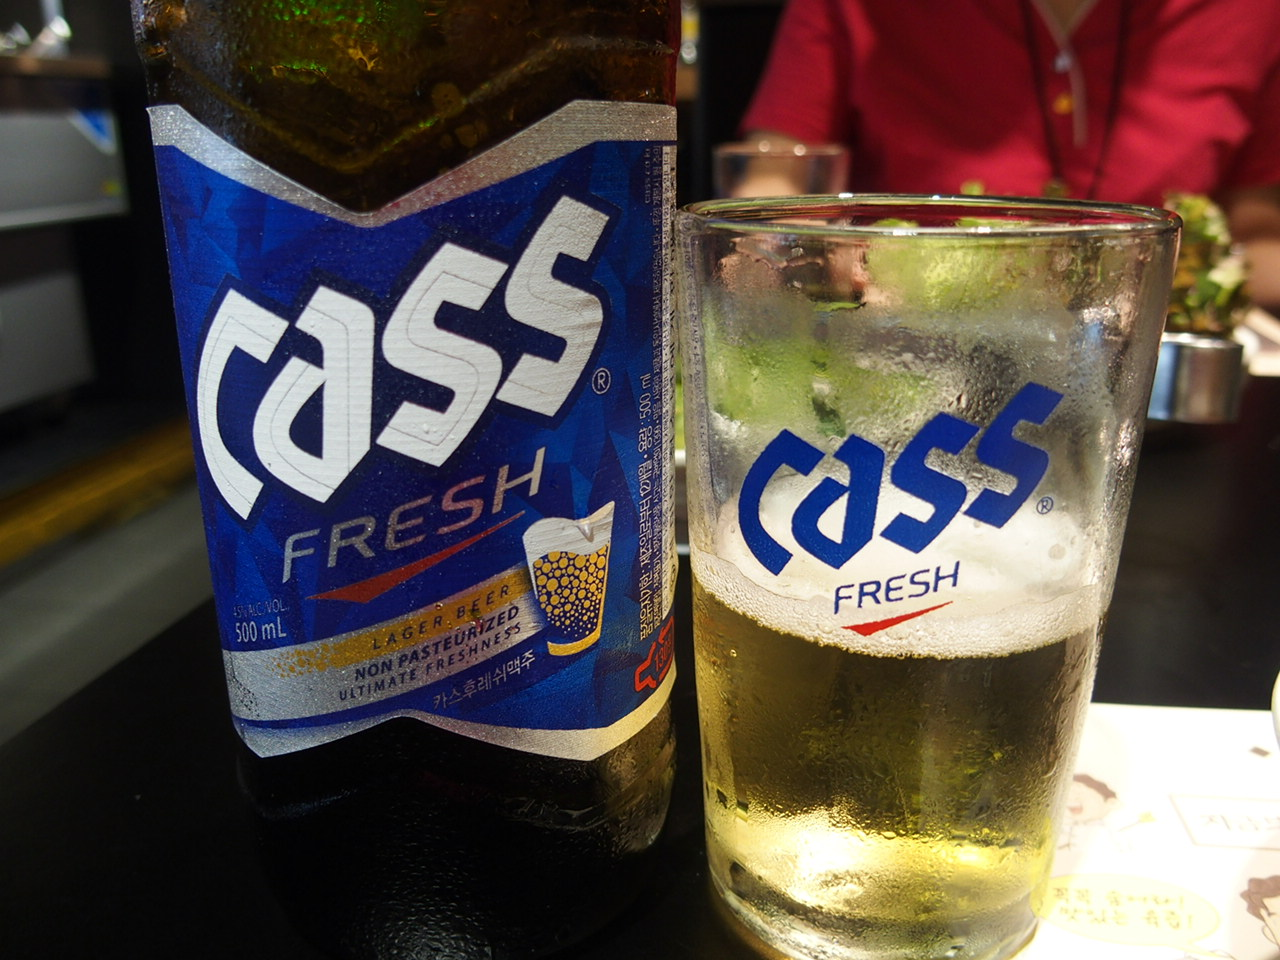 釜山の焼肉チャルドバキで飲んだビール